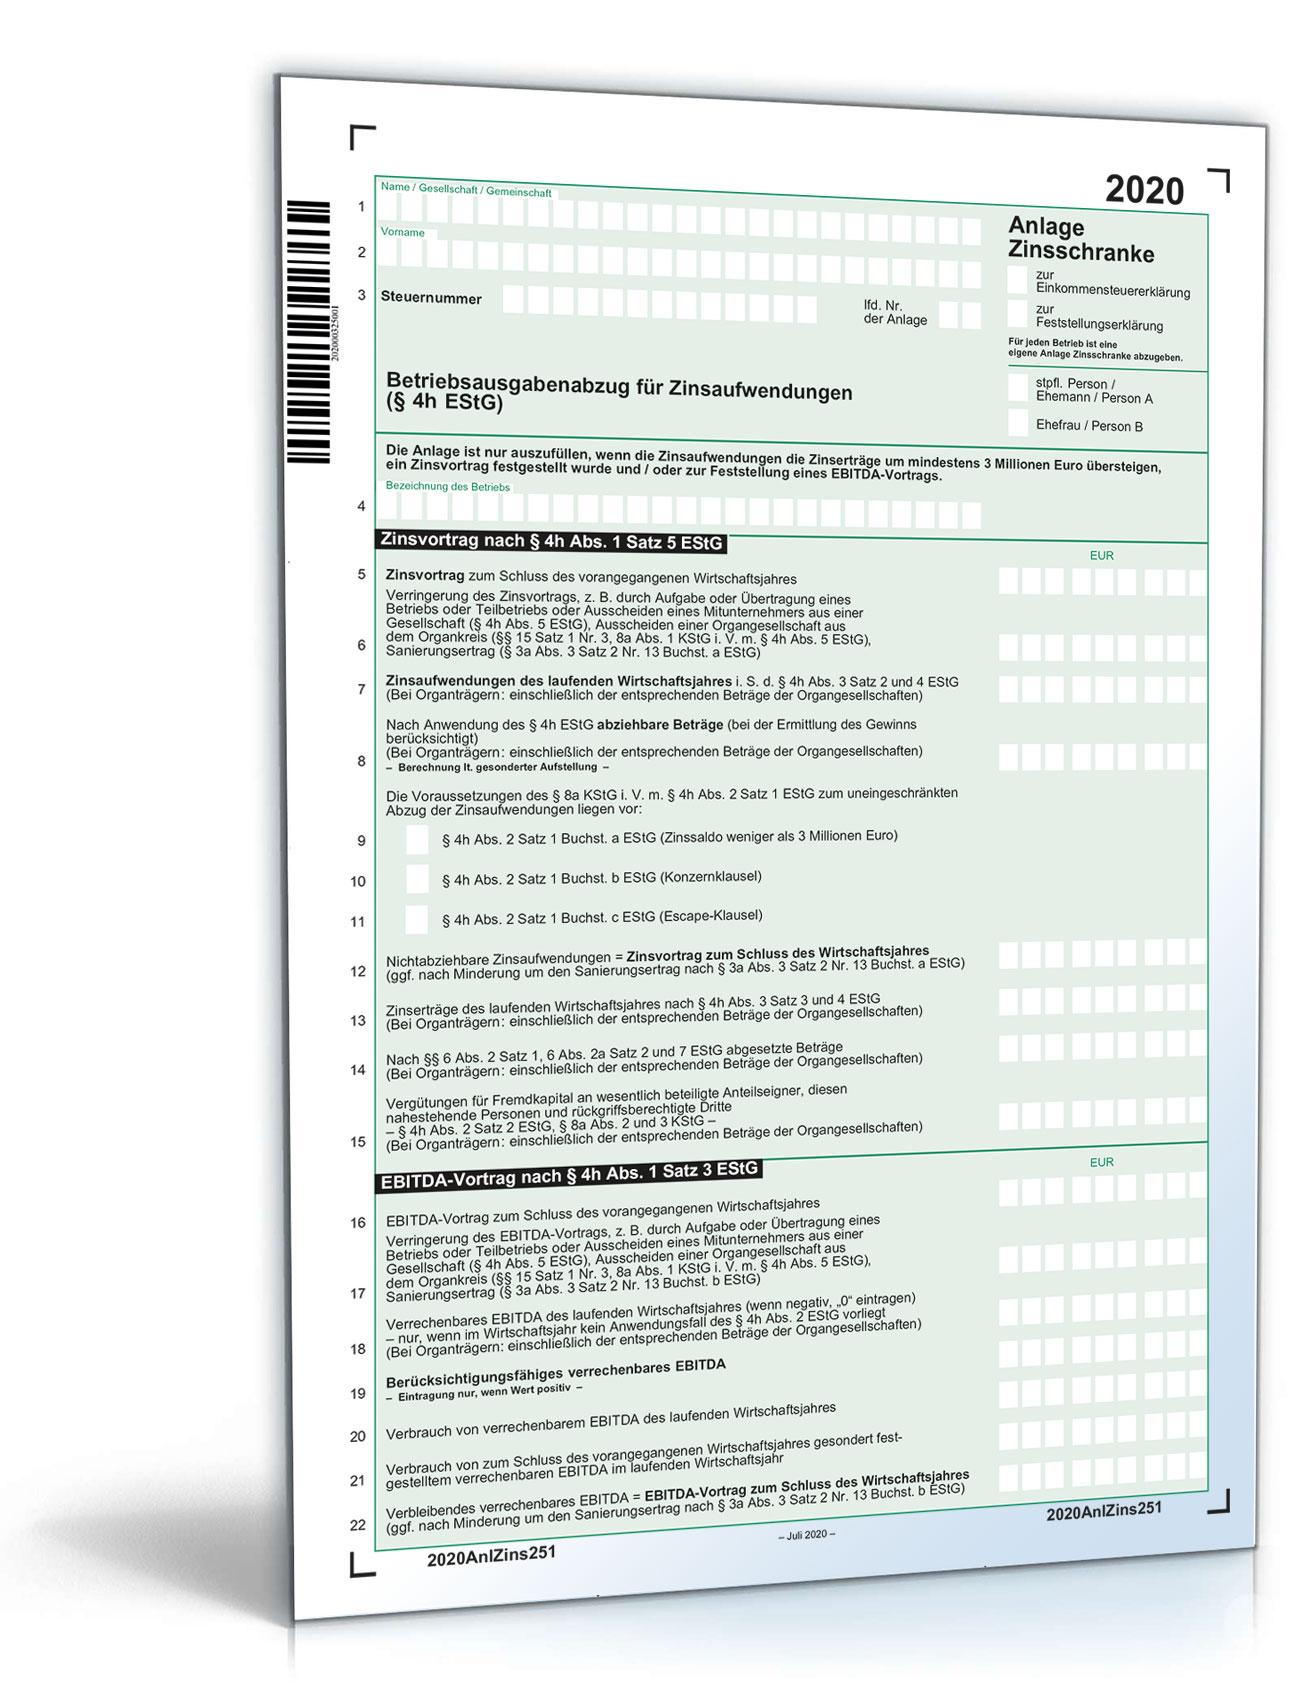 Anlage Zinsschranke 2020 Dokument zum Download